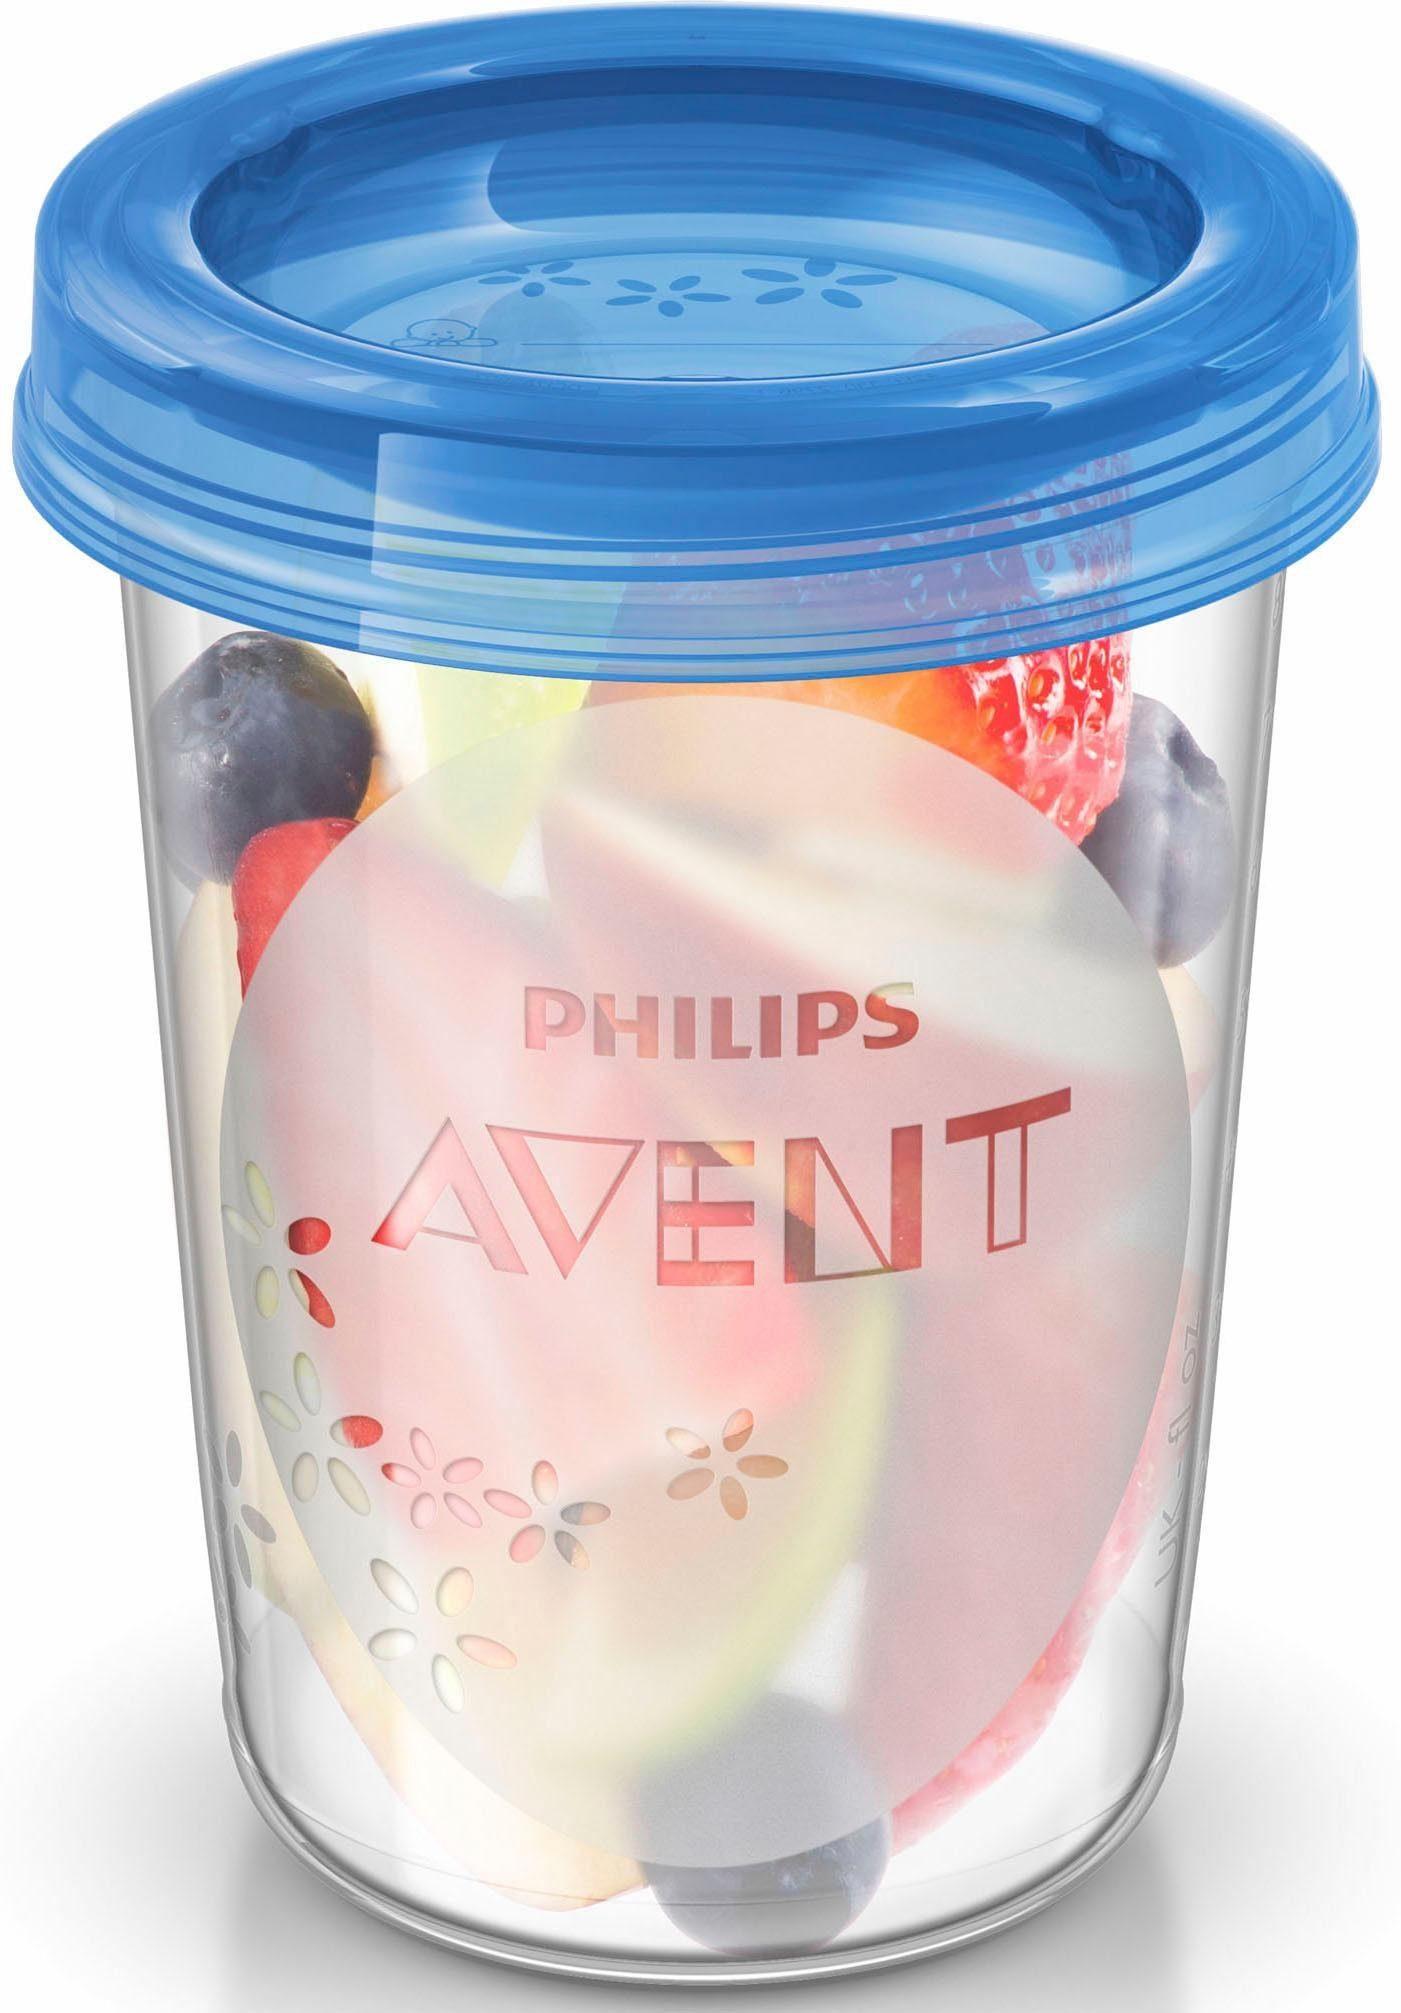 Philips Avent Aufbewahrungsbecher für Babynahrung SCF639/05, 5x 240 ml Becher inklusive Deckel